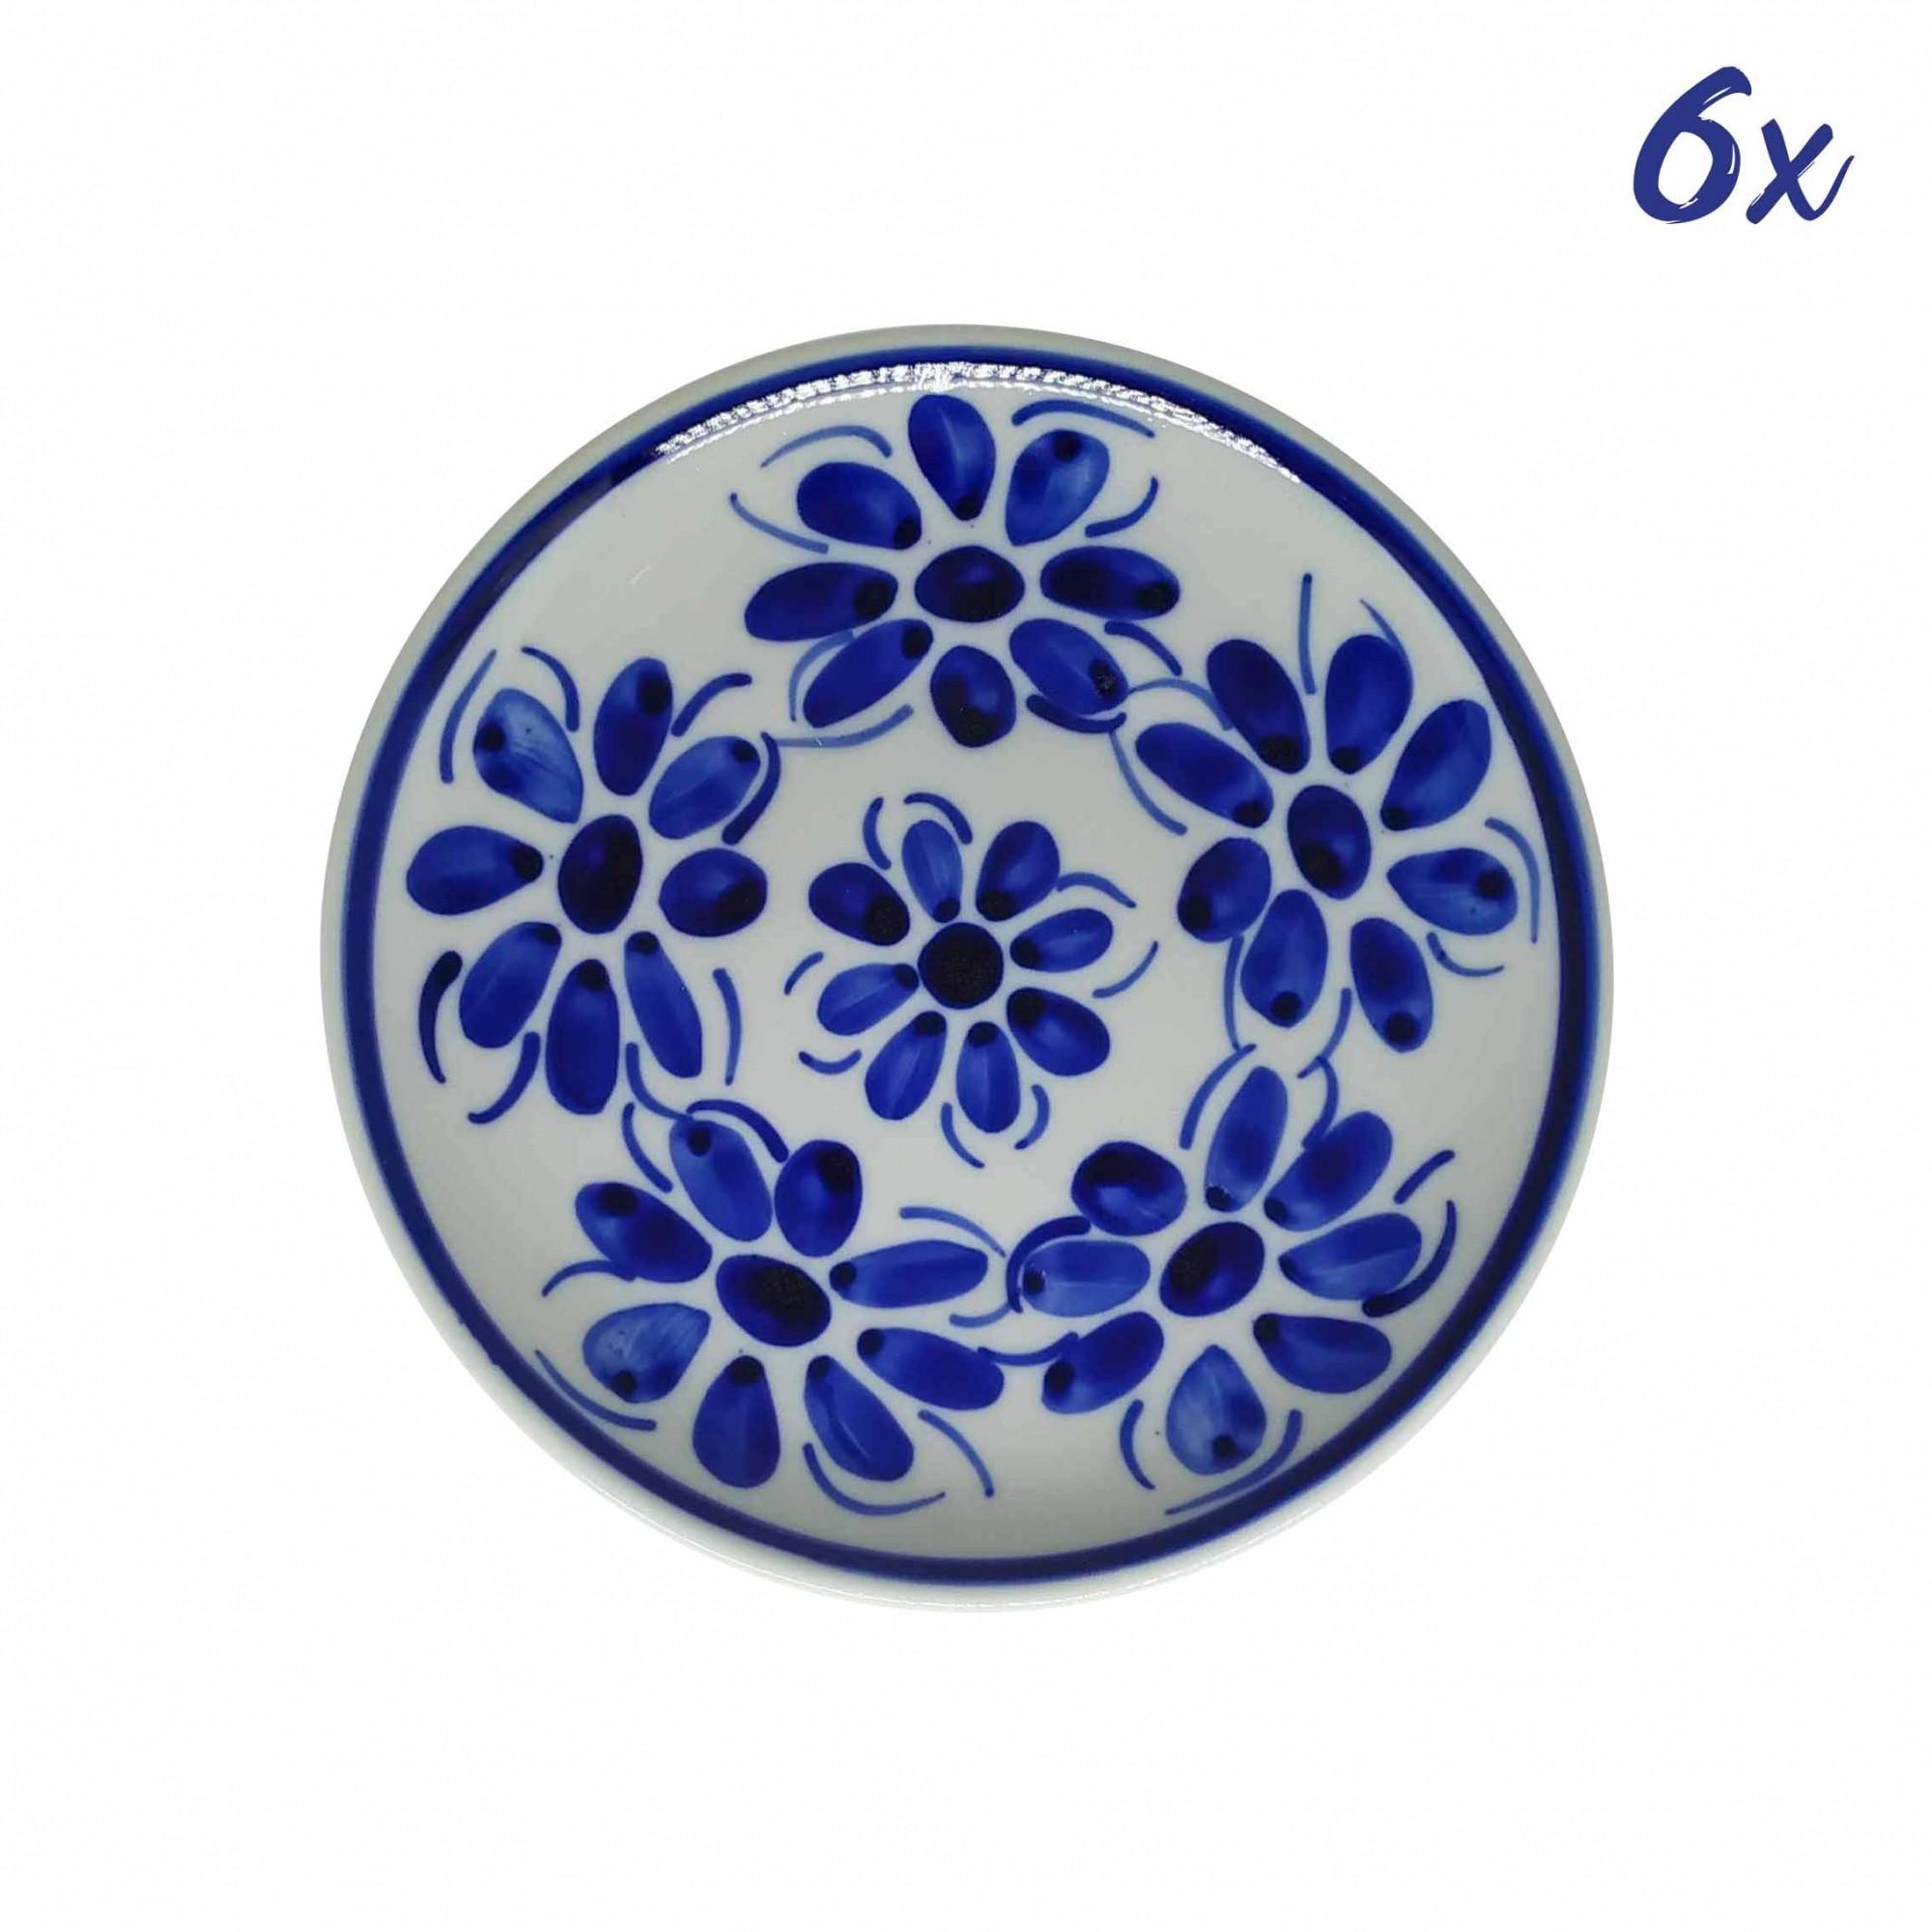 Jogo de 6 Pratos de Sobremesa 18,5 cm em Porcelana Azul Vintage